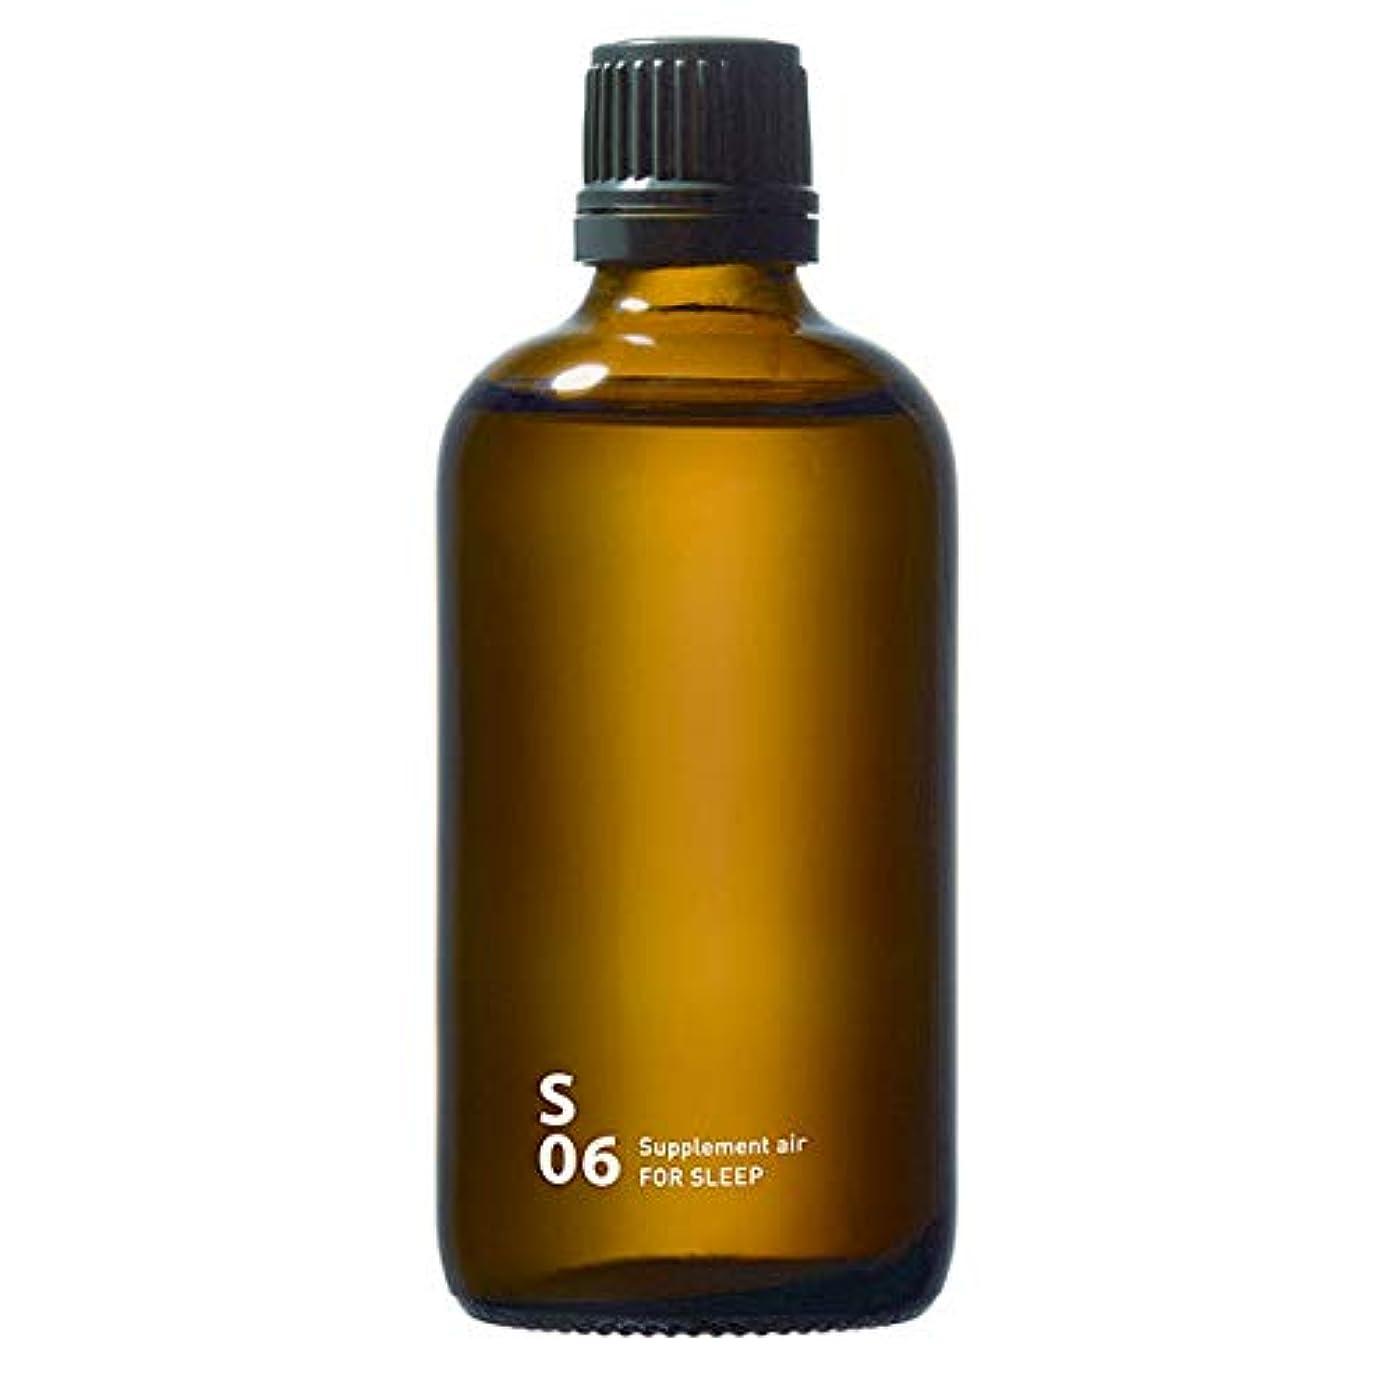 データベース元の再現するS06 FOR SLEEP piezo aroma oil 100ml